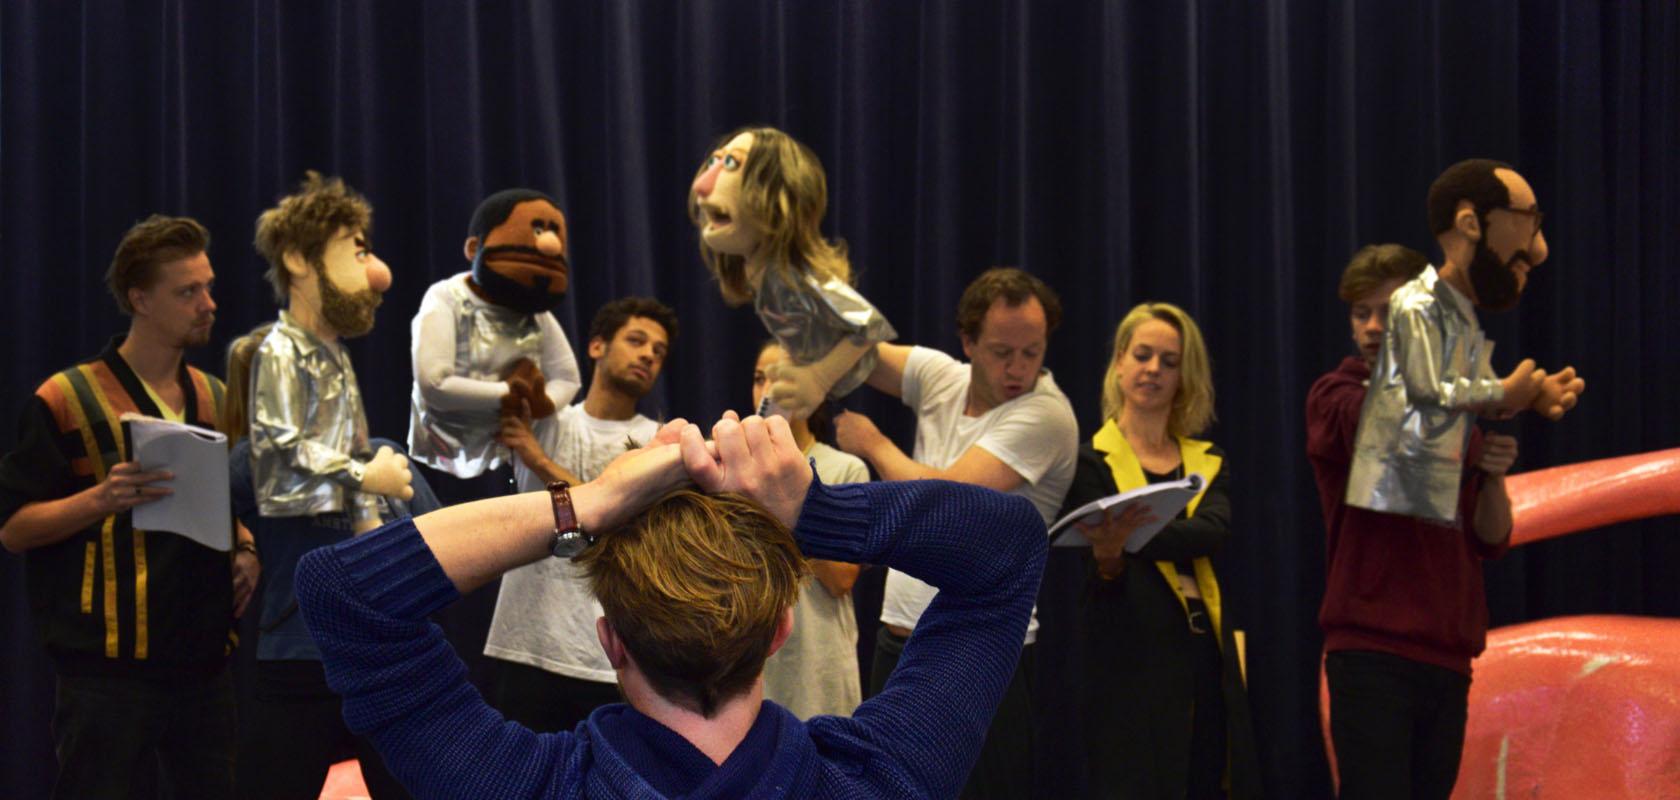 Making-of-Watskeburt-Beeld-Bos-Theaterproducties-1-lr